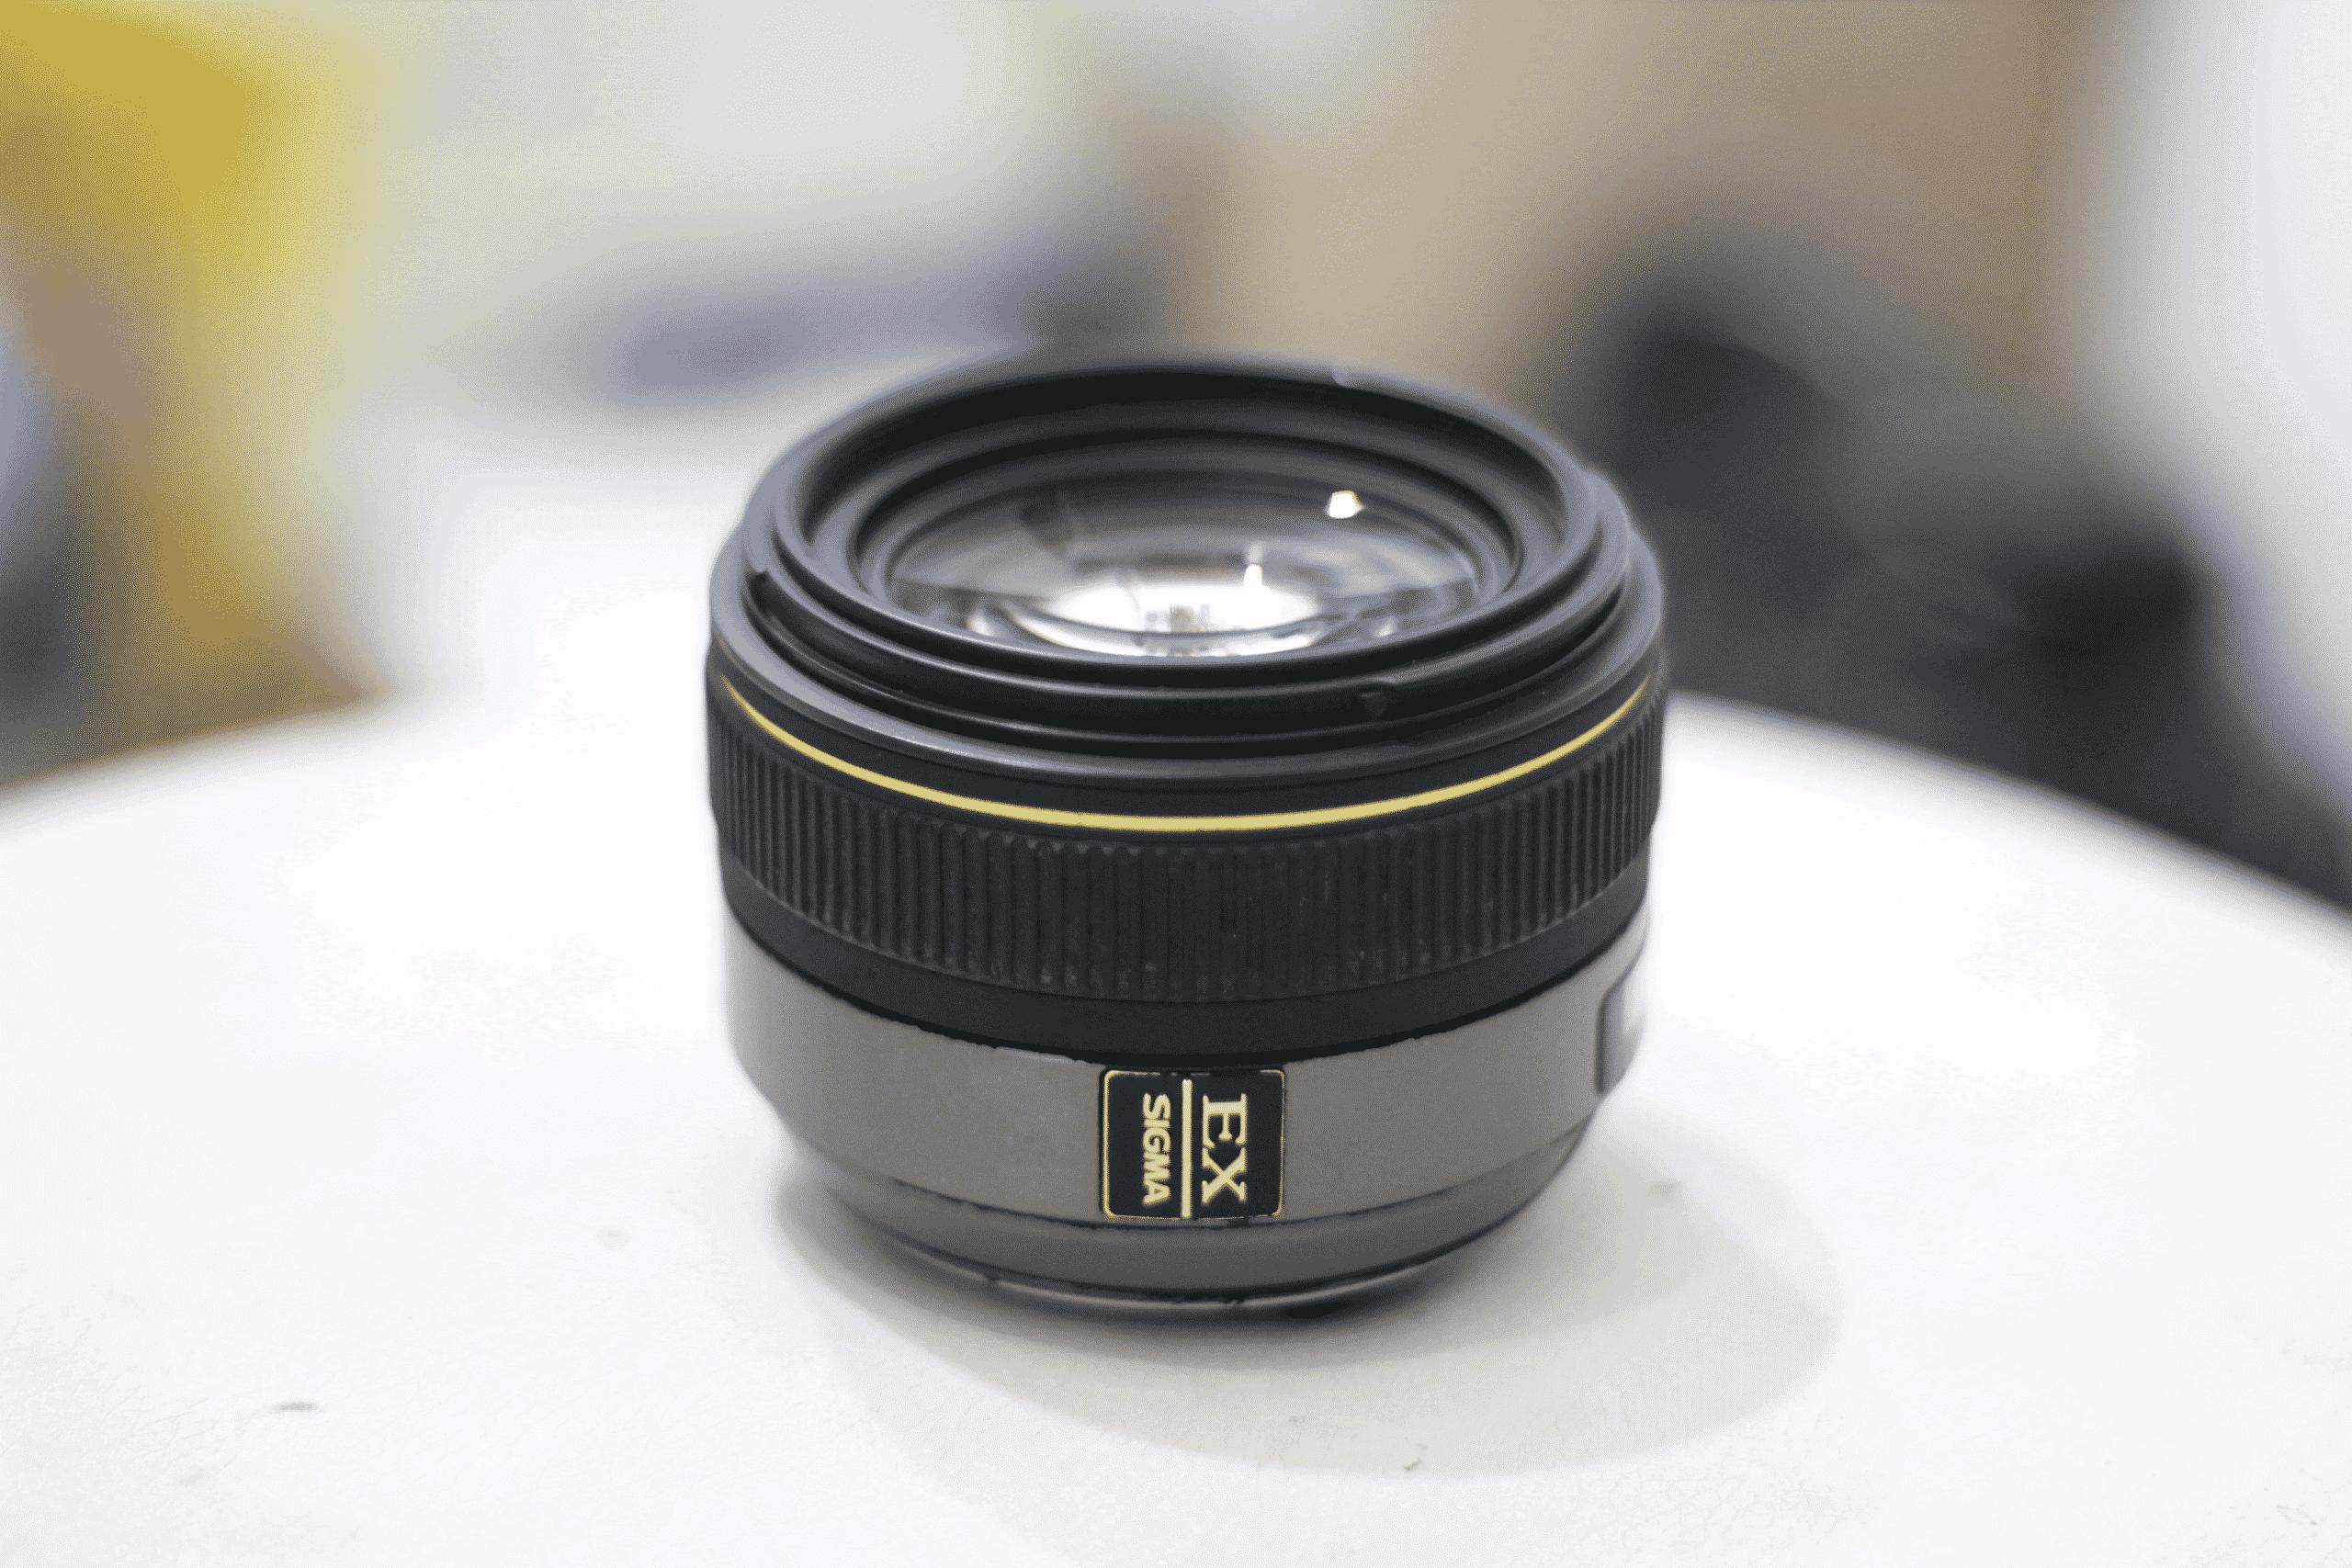 Gunakan-kamera-dengan-lensa-yang-mempunyai-aperture-besar-atau-wide-aperture